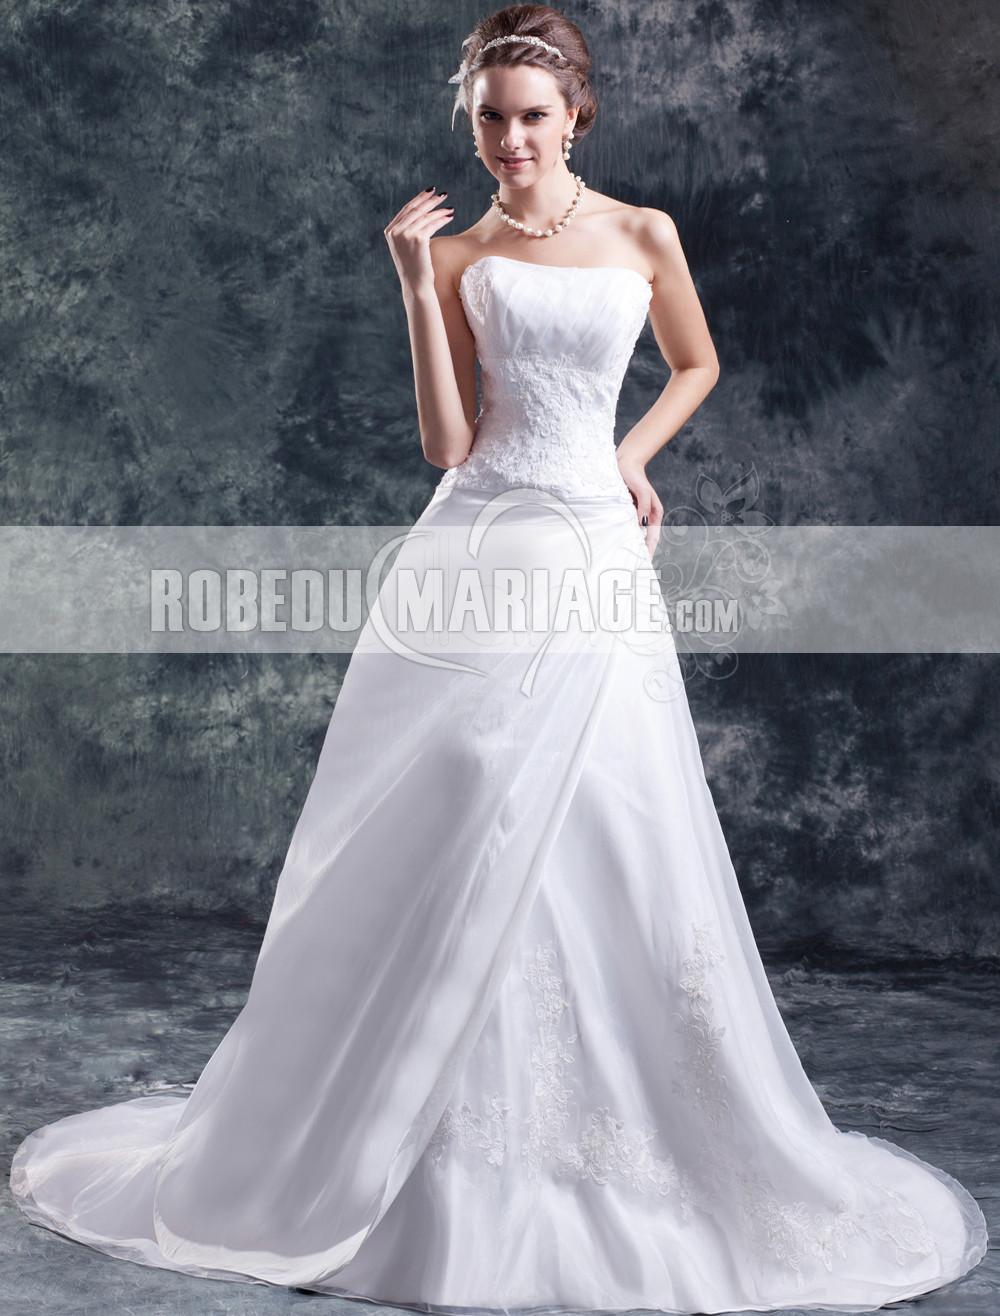 robe de mari e pas cher au mans id es et d 39 inspiration sur le mariage. Black Bedroom Furniture Sets. Home Design Ideas